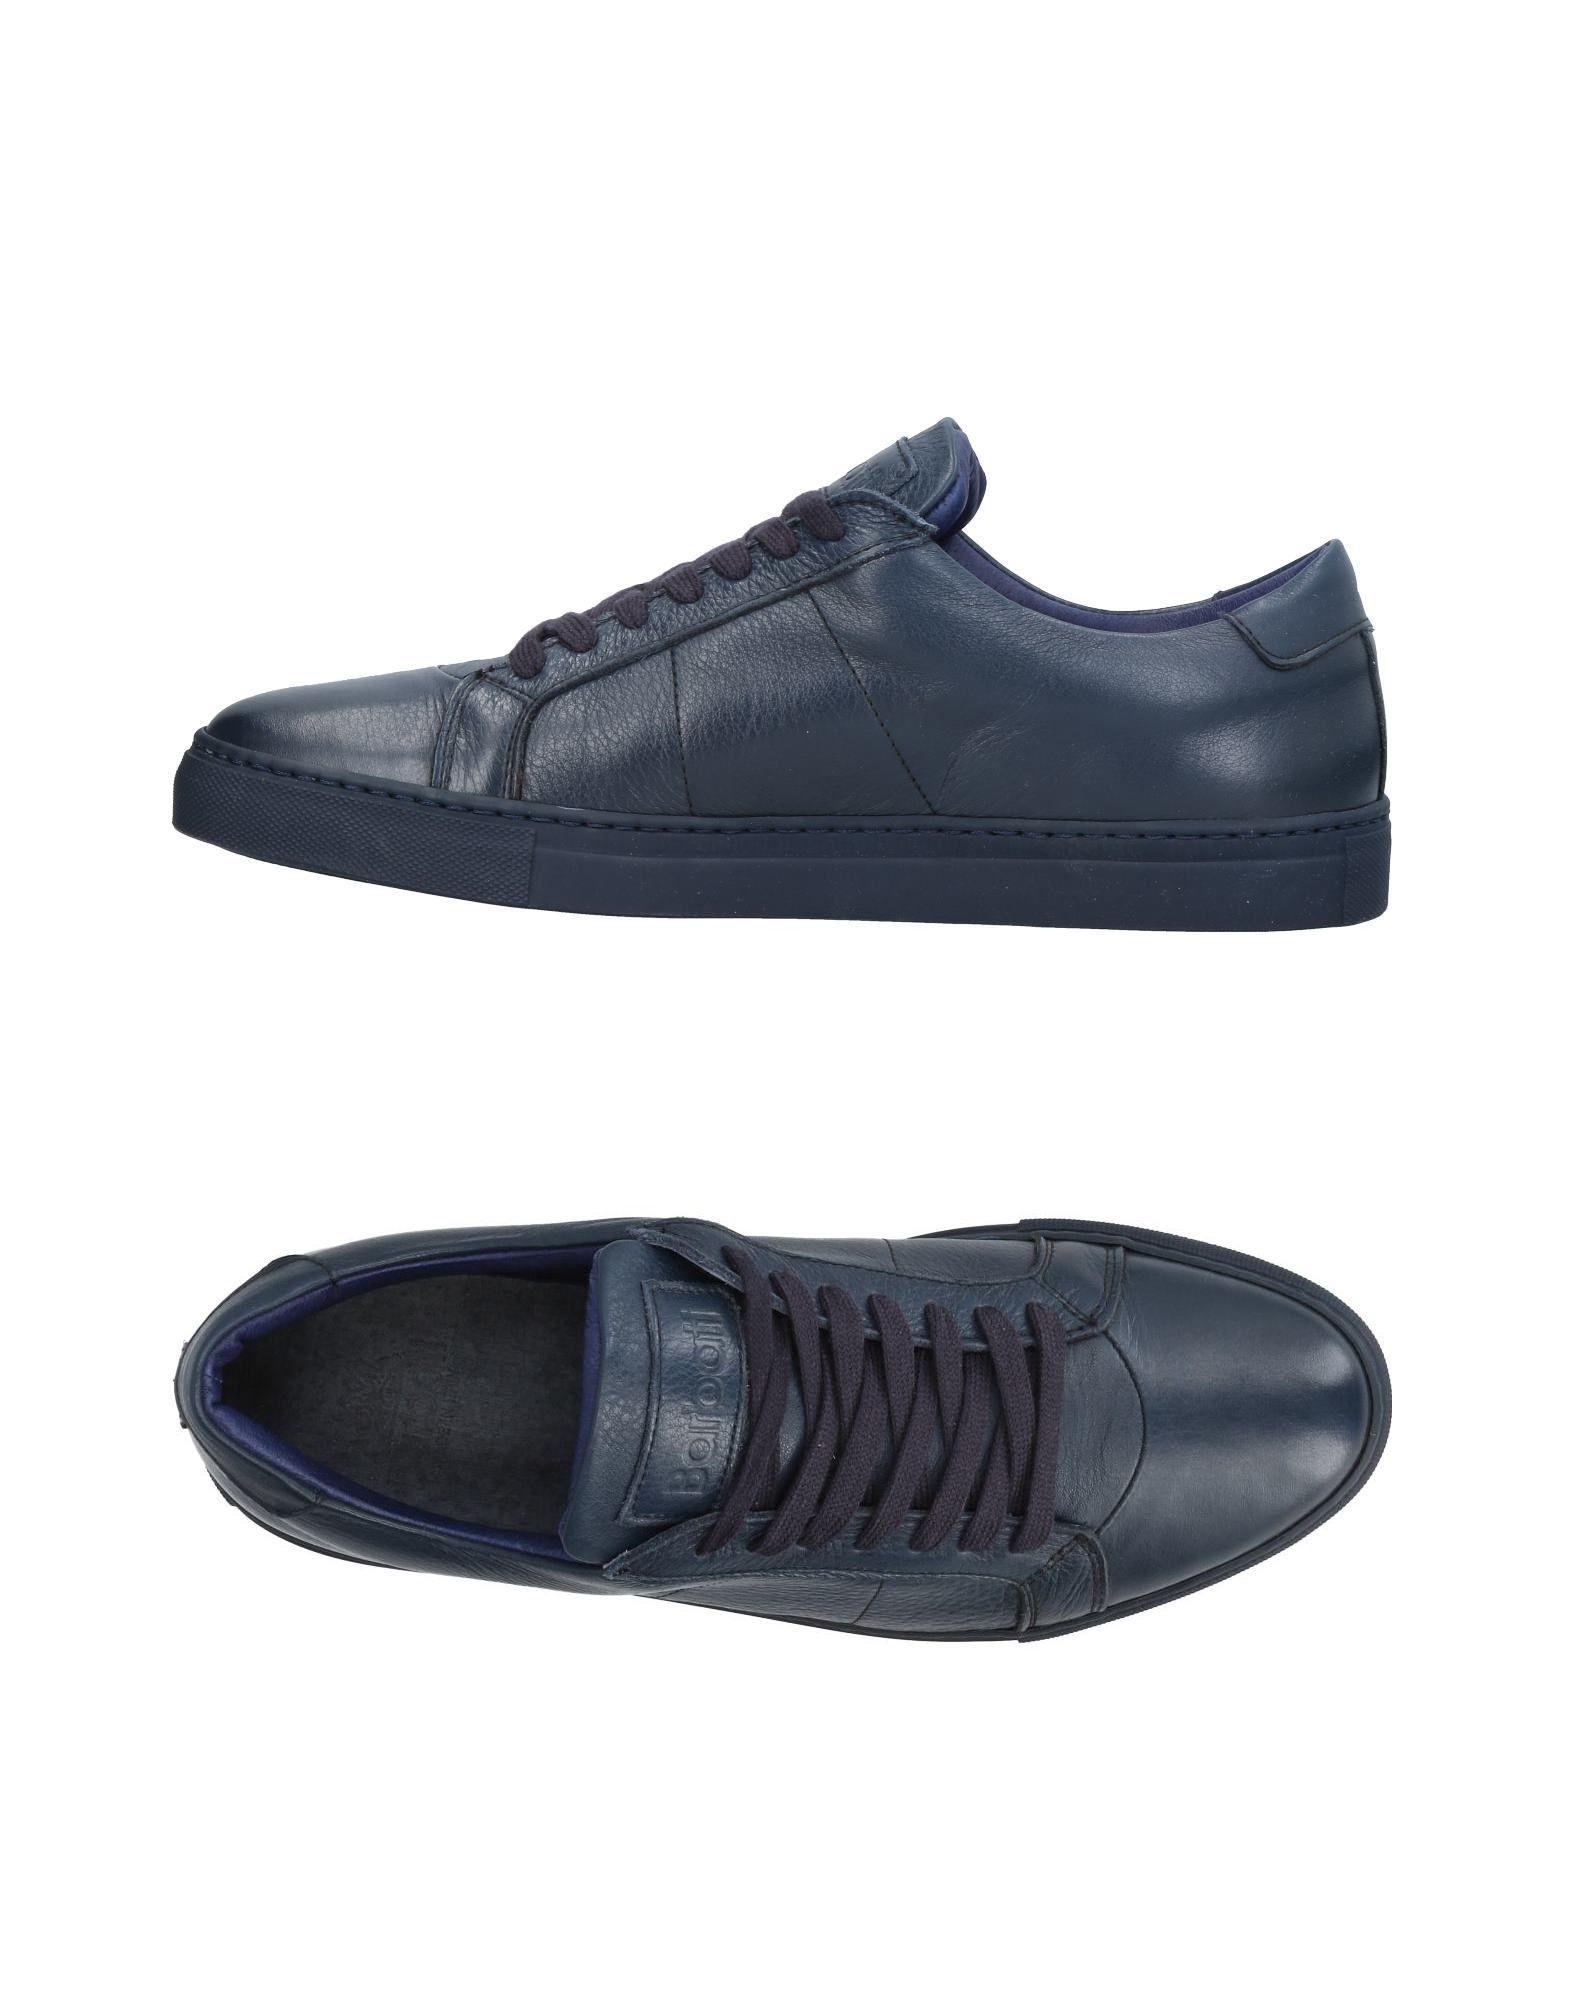 Rabatt echte Schuhe Barbati Sneakers Herren  11417450TO